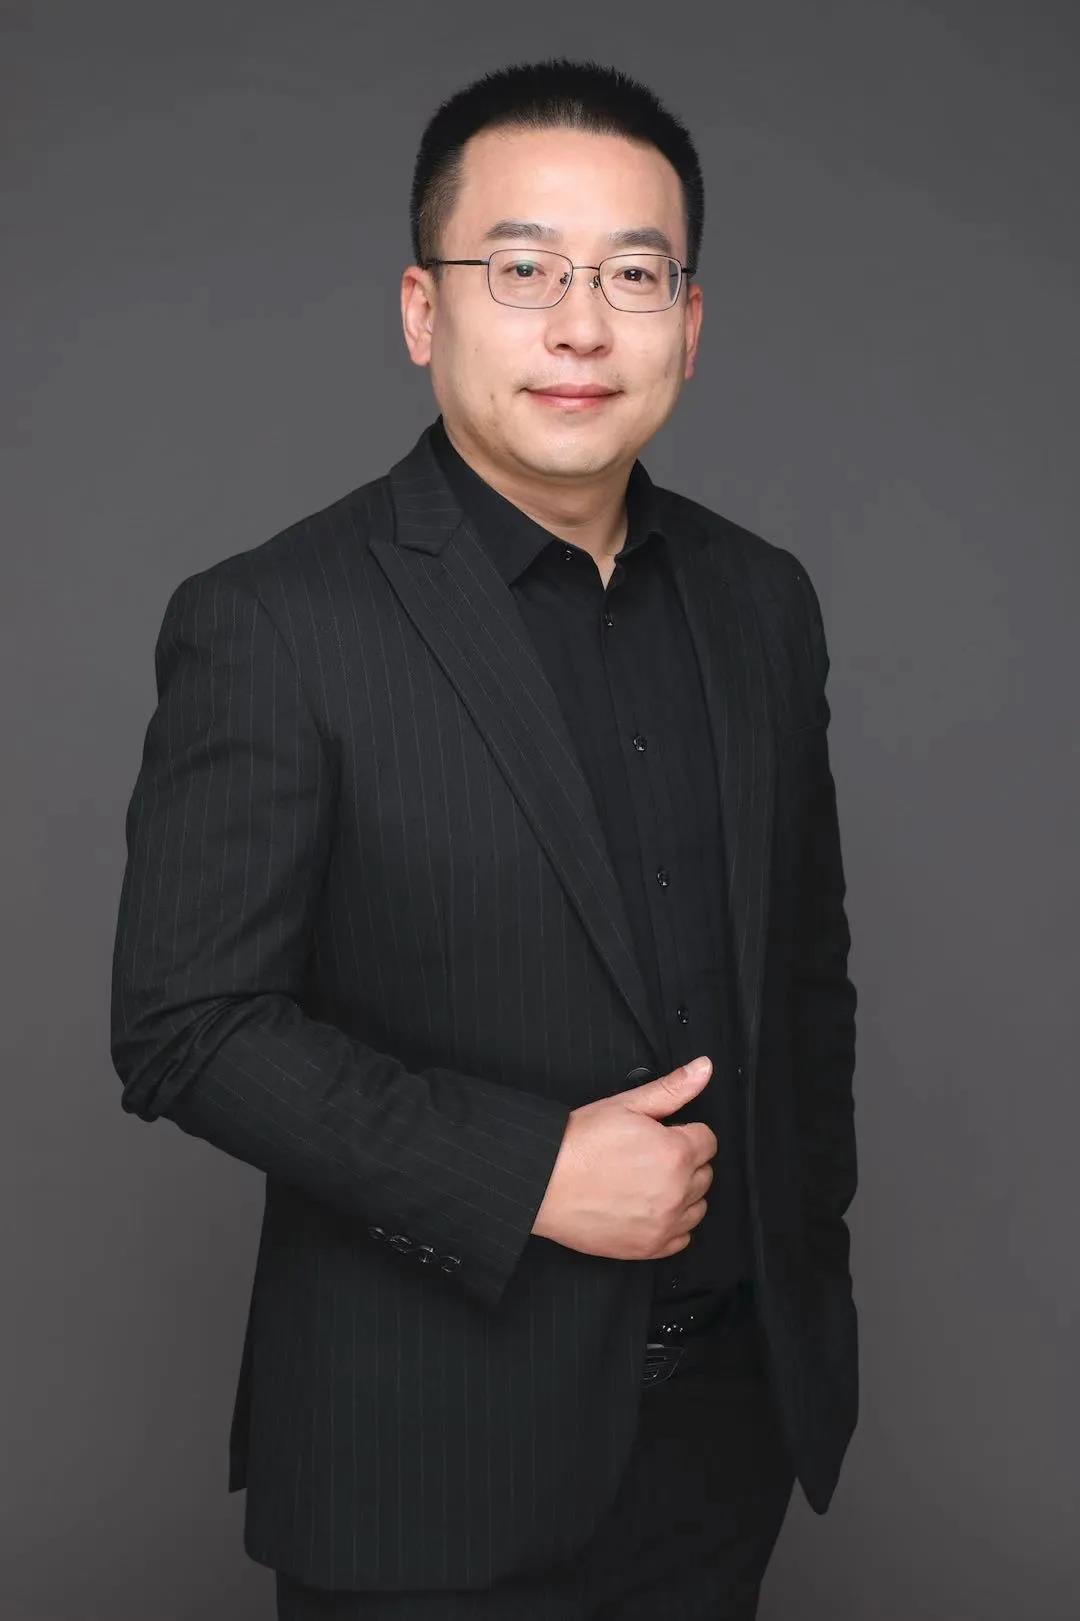 安徽宇锋总经理项卫锋